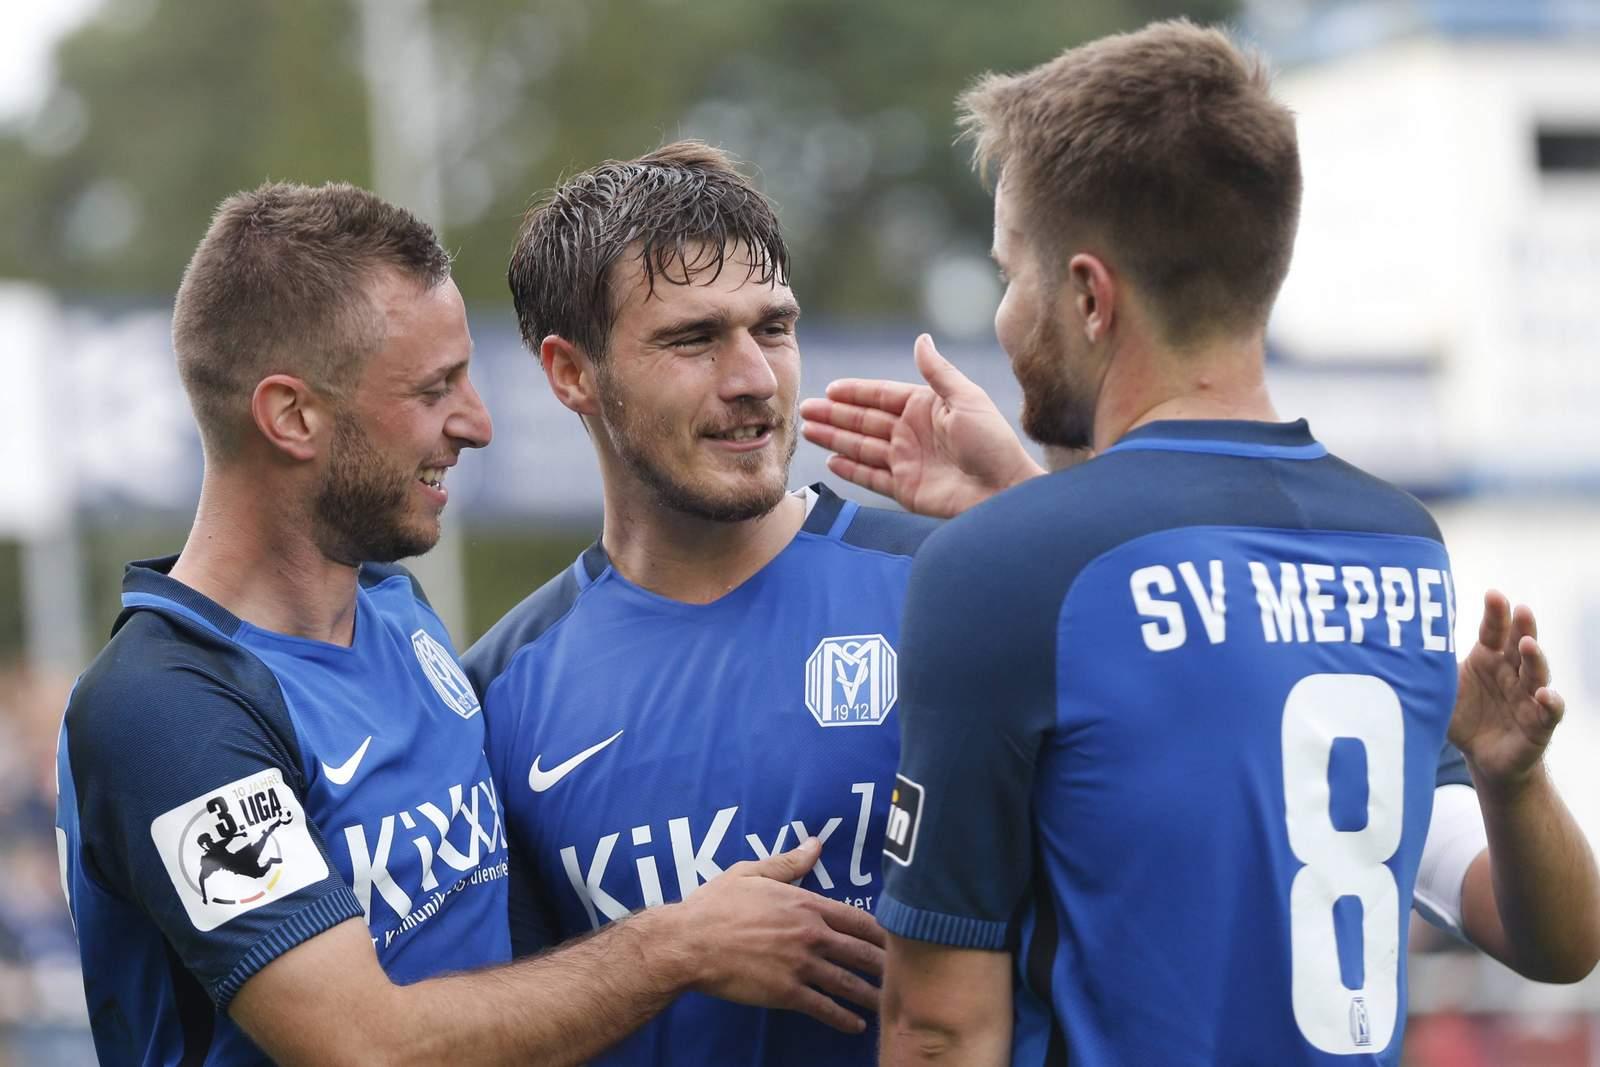 Der SV Meppen tritt am sechsten Spieltag der dritten Liga in Paderborn an. Wem gelingt der Sieg? Jetzt wetten!